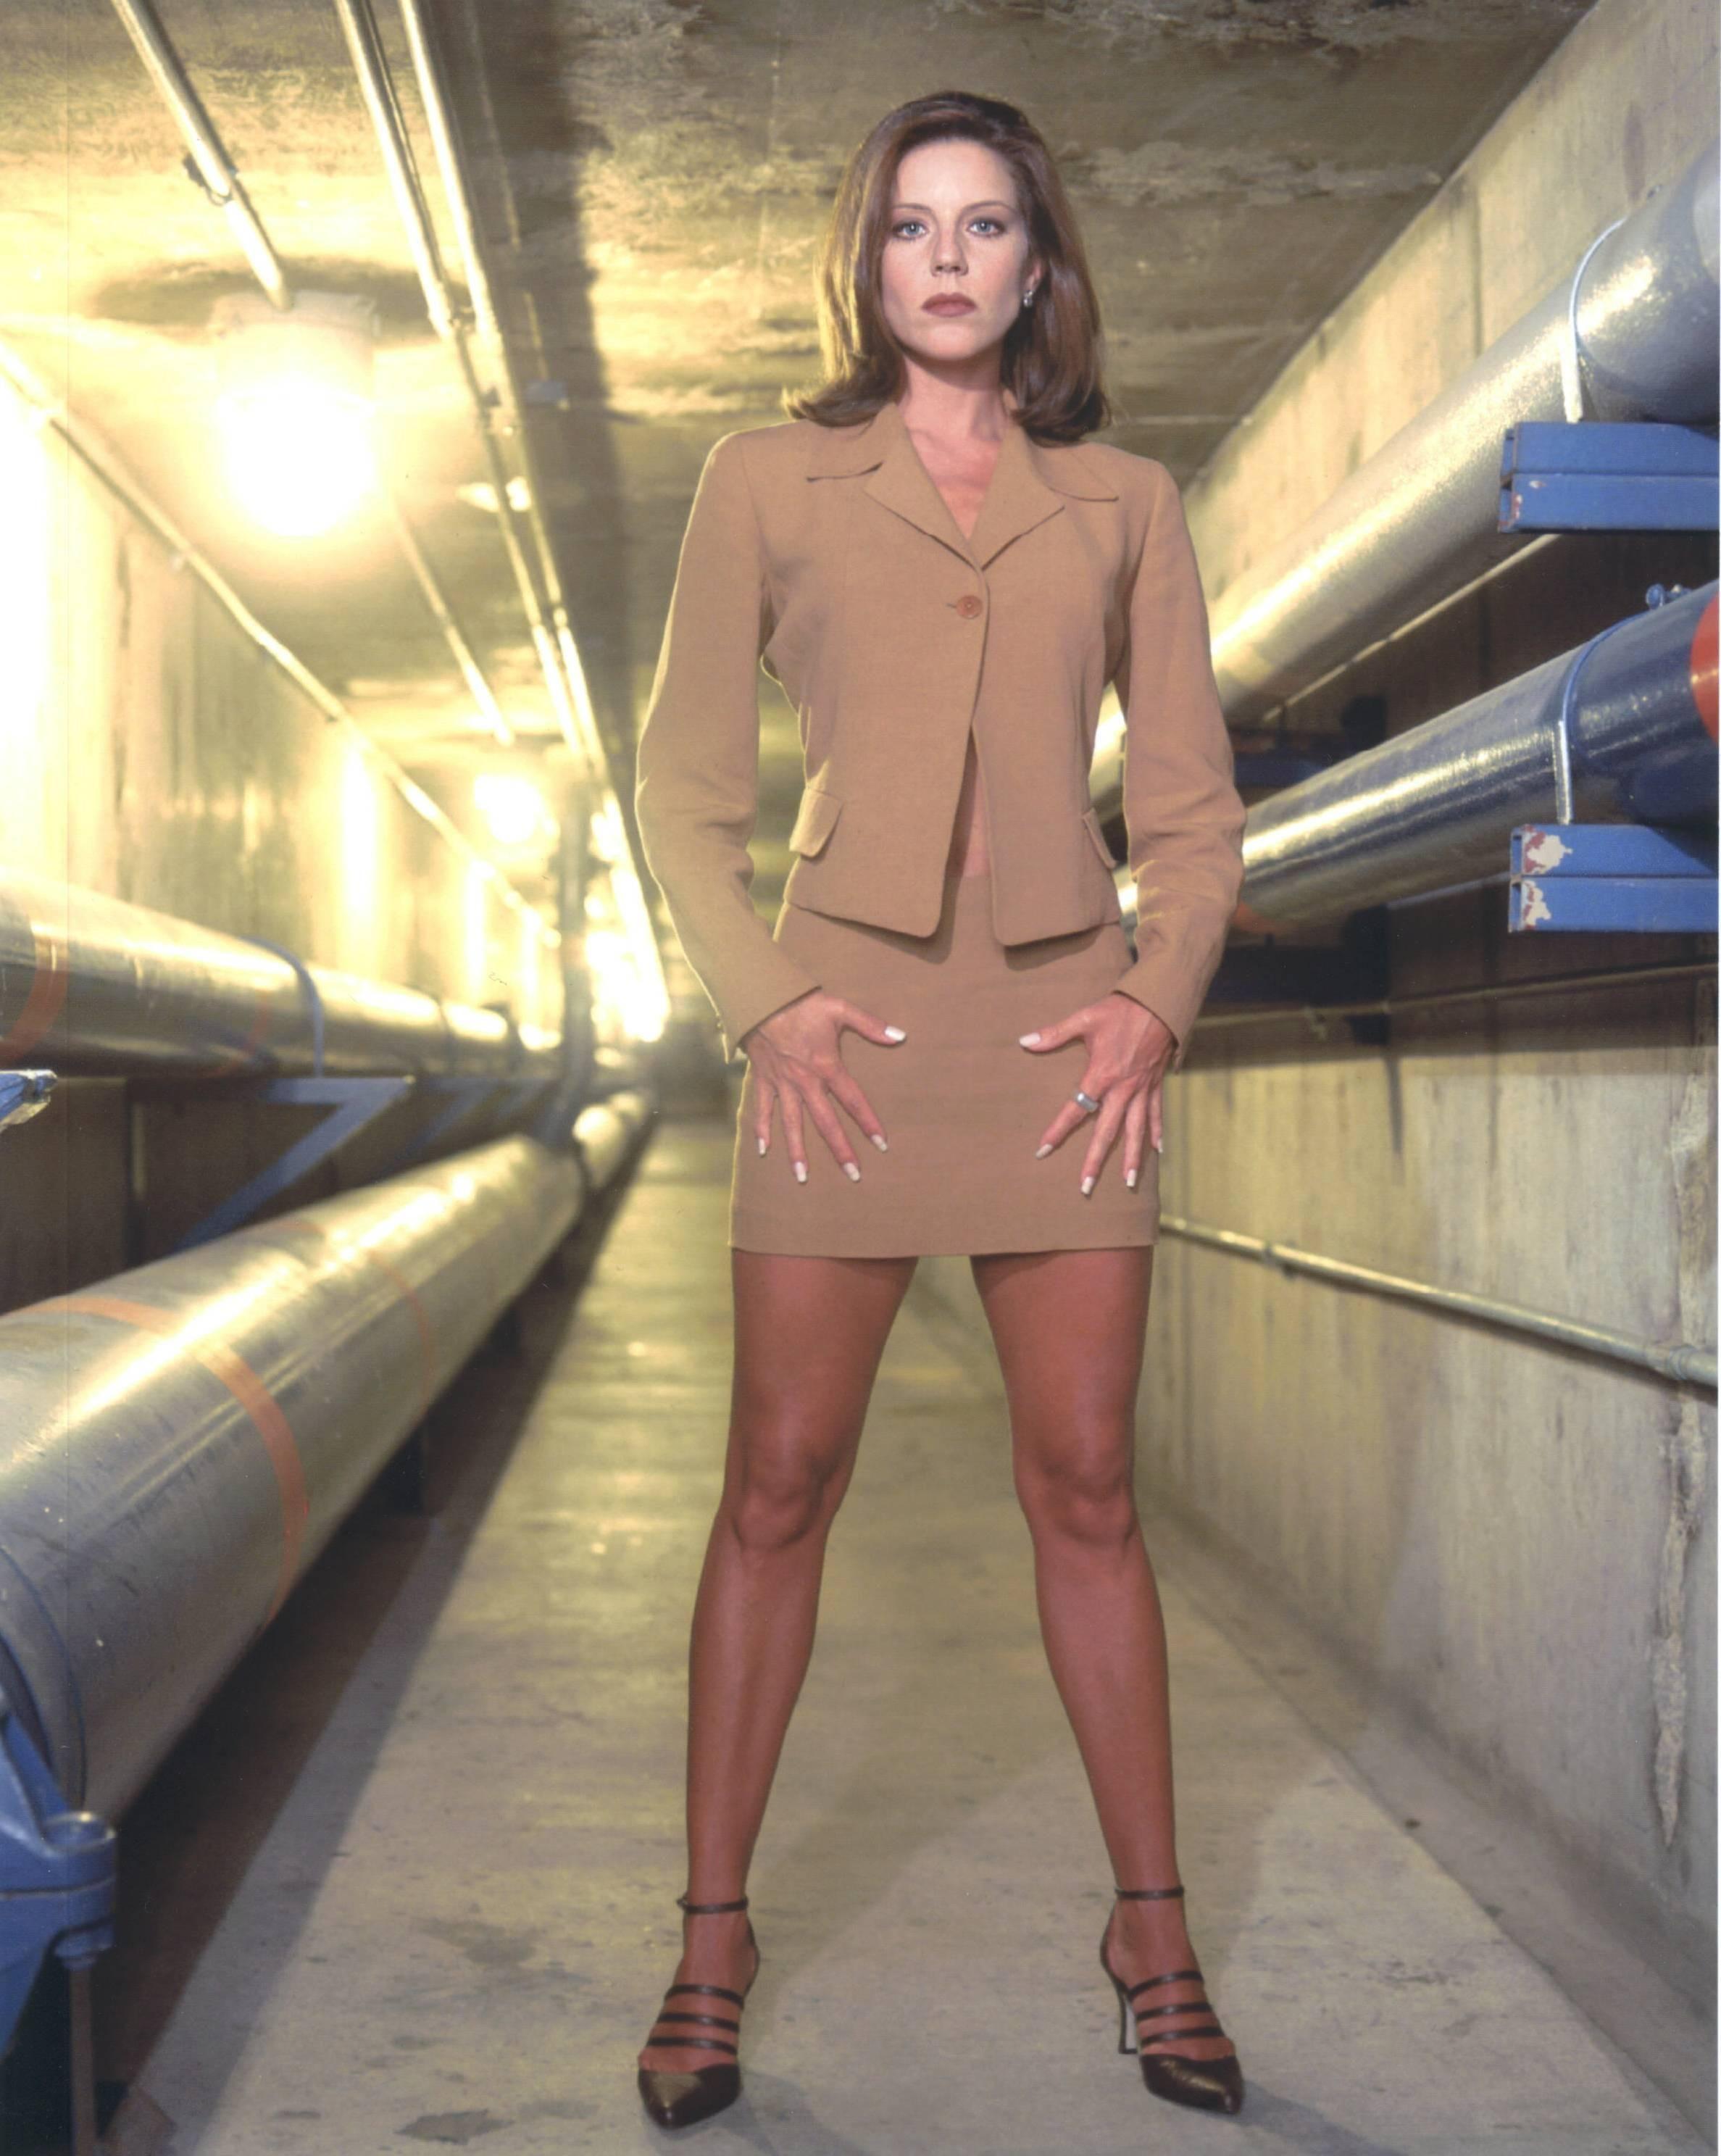 Patty Weaver,Amy Stiller Hot video Maggie Rizer 1 2001,Lauren Bacall